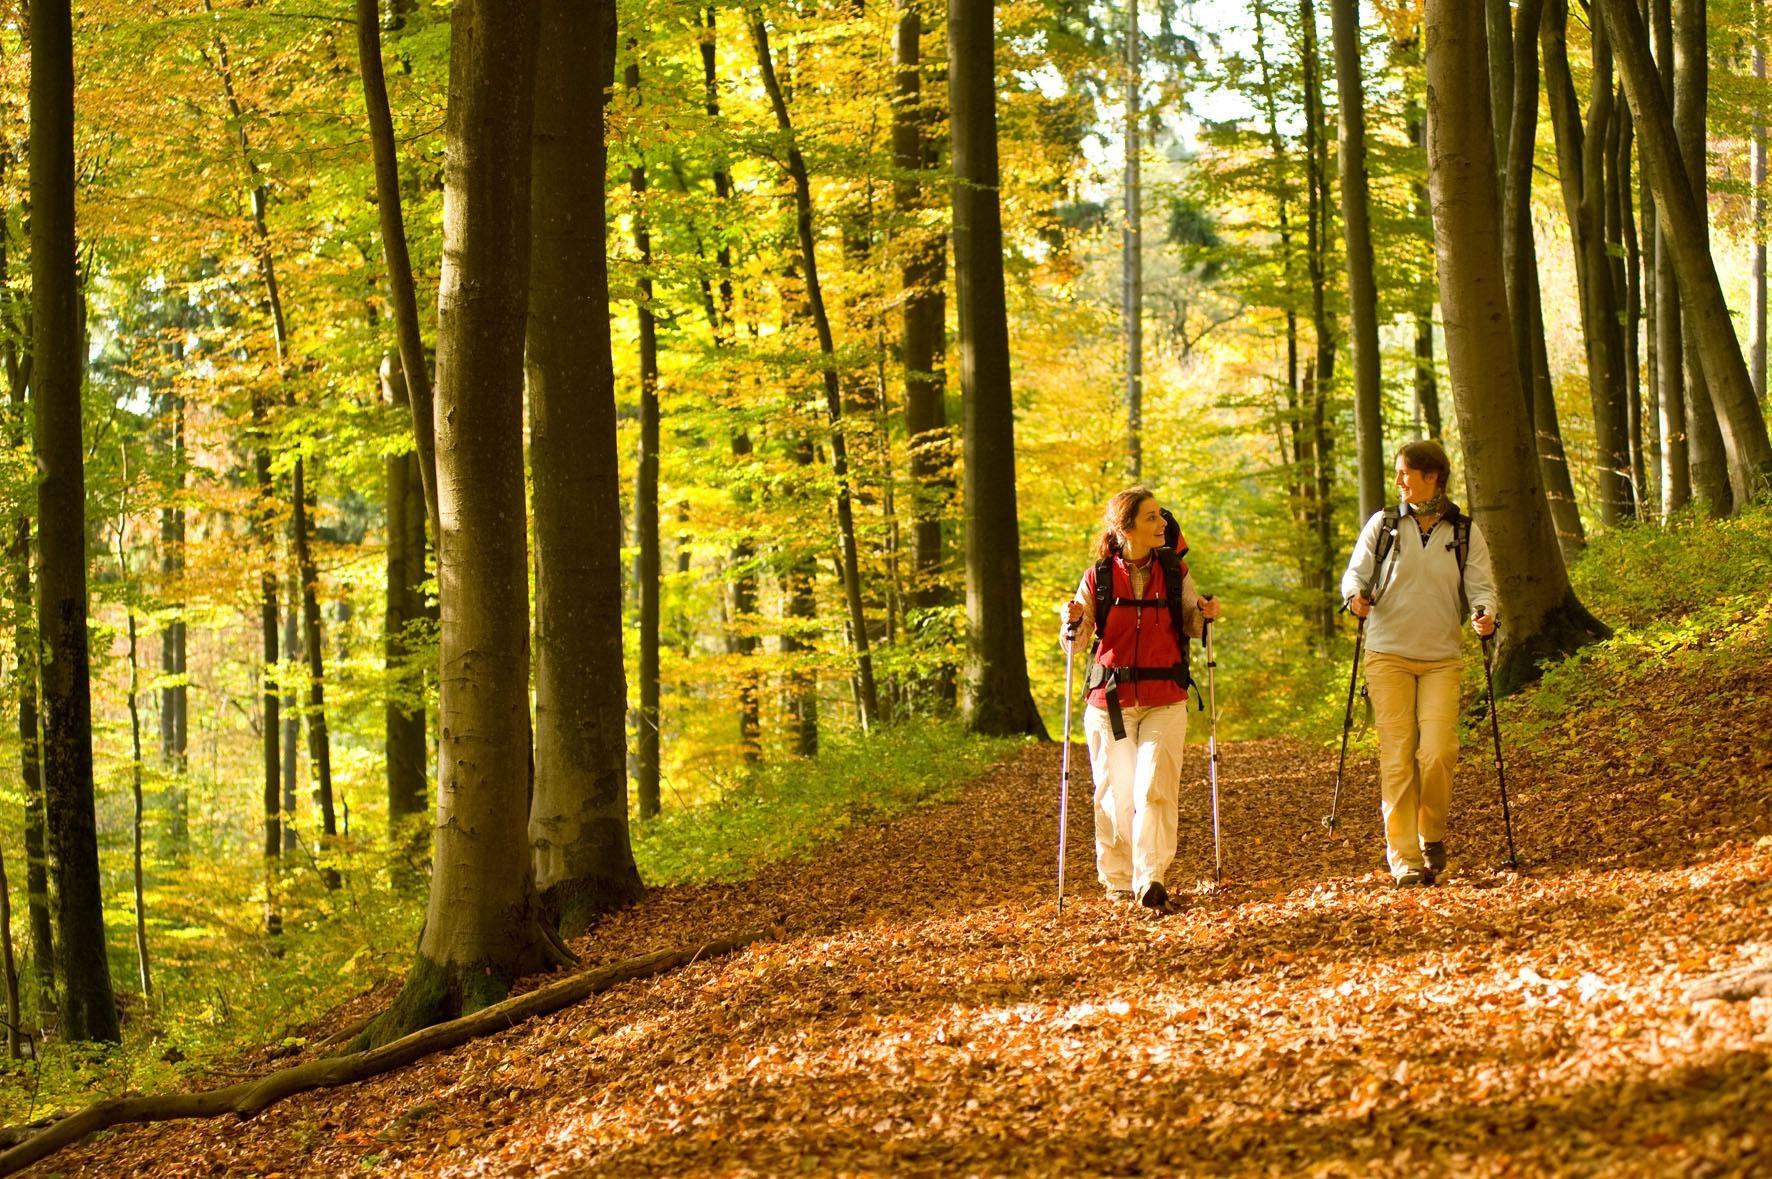 8-daagse wandelvakantie Westerwaldsteig